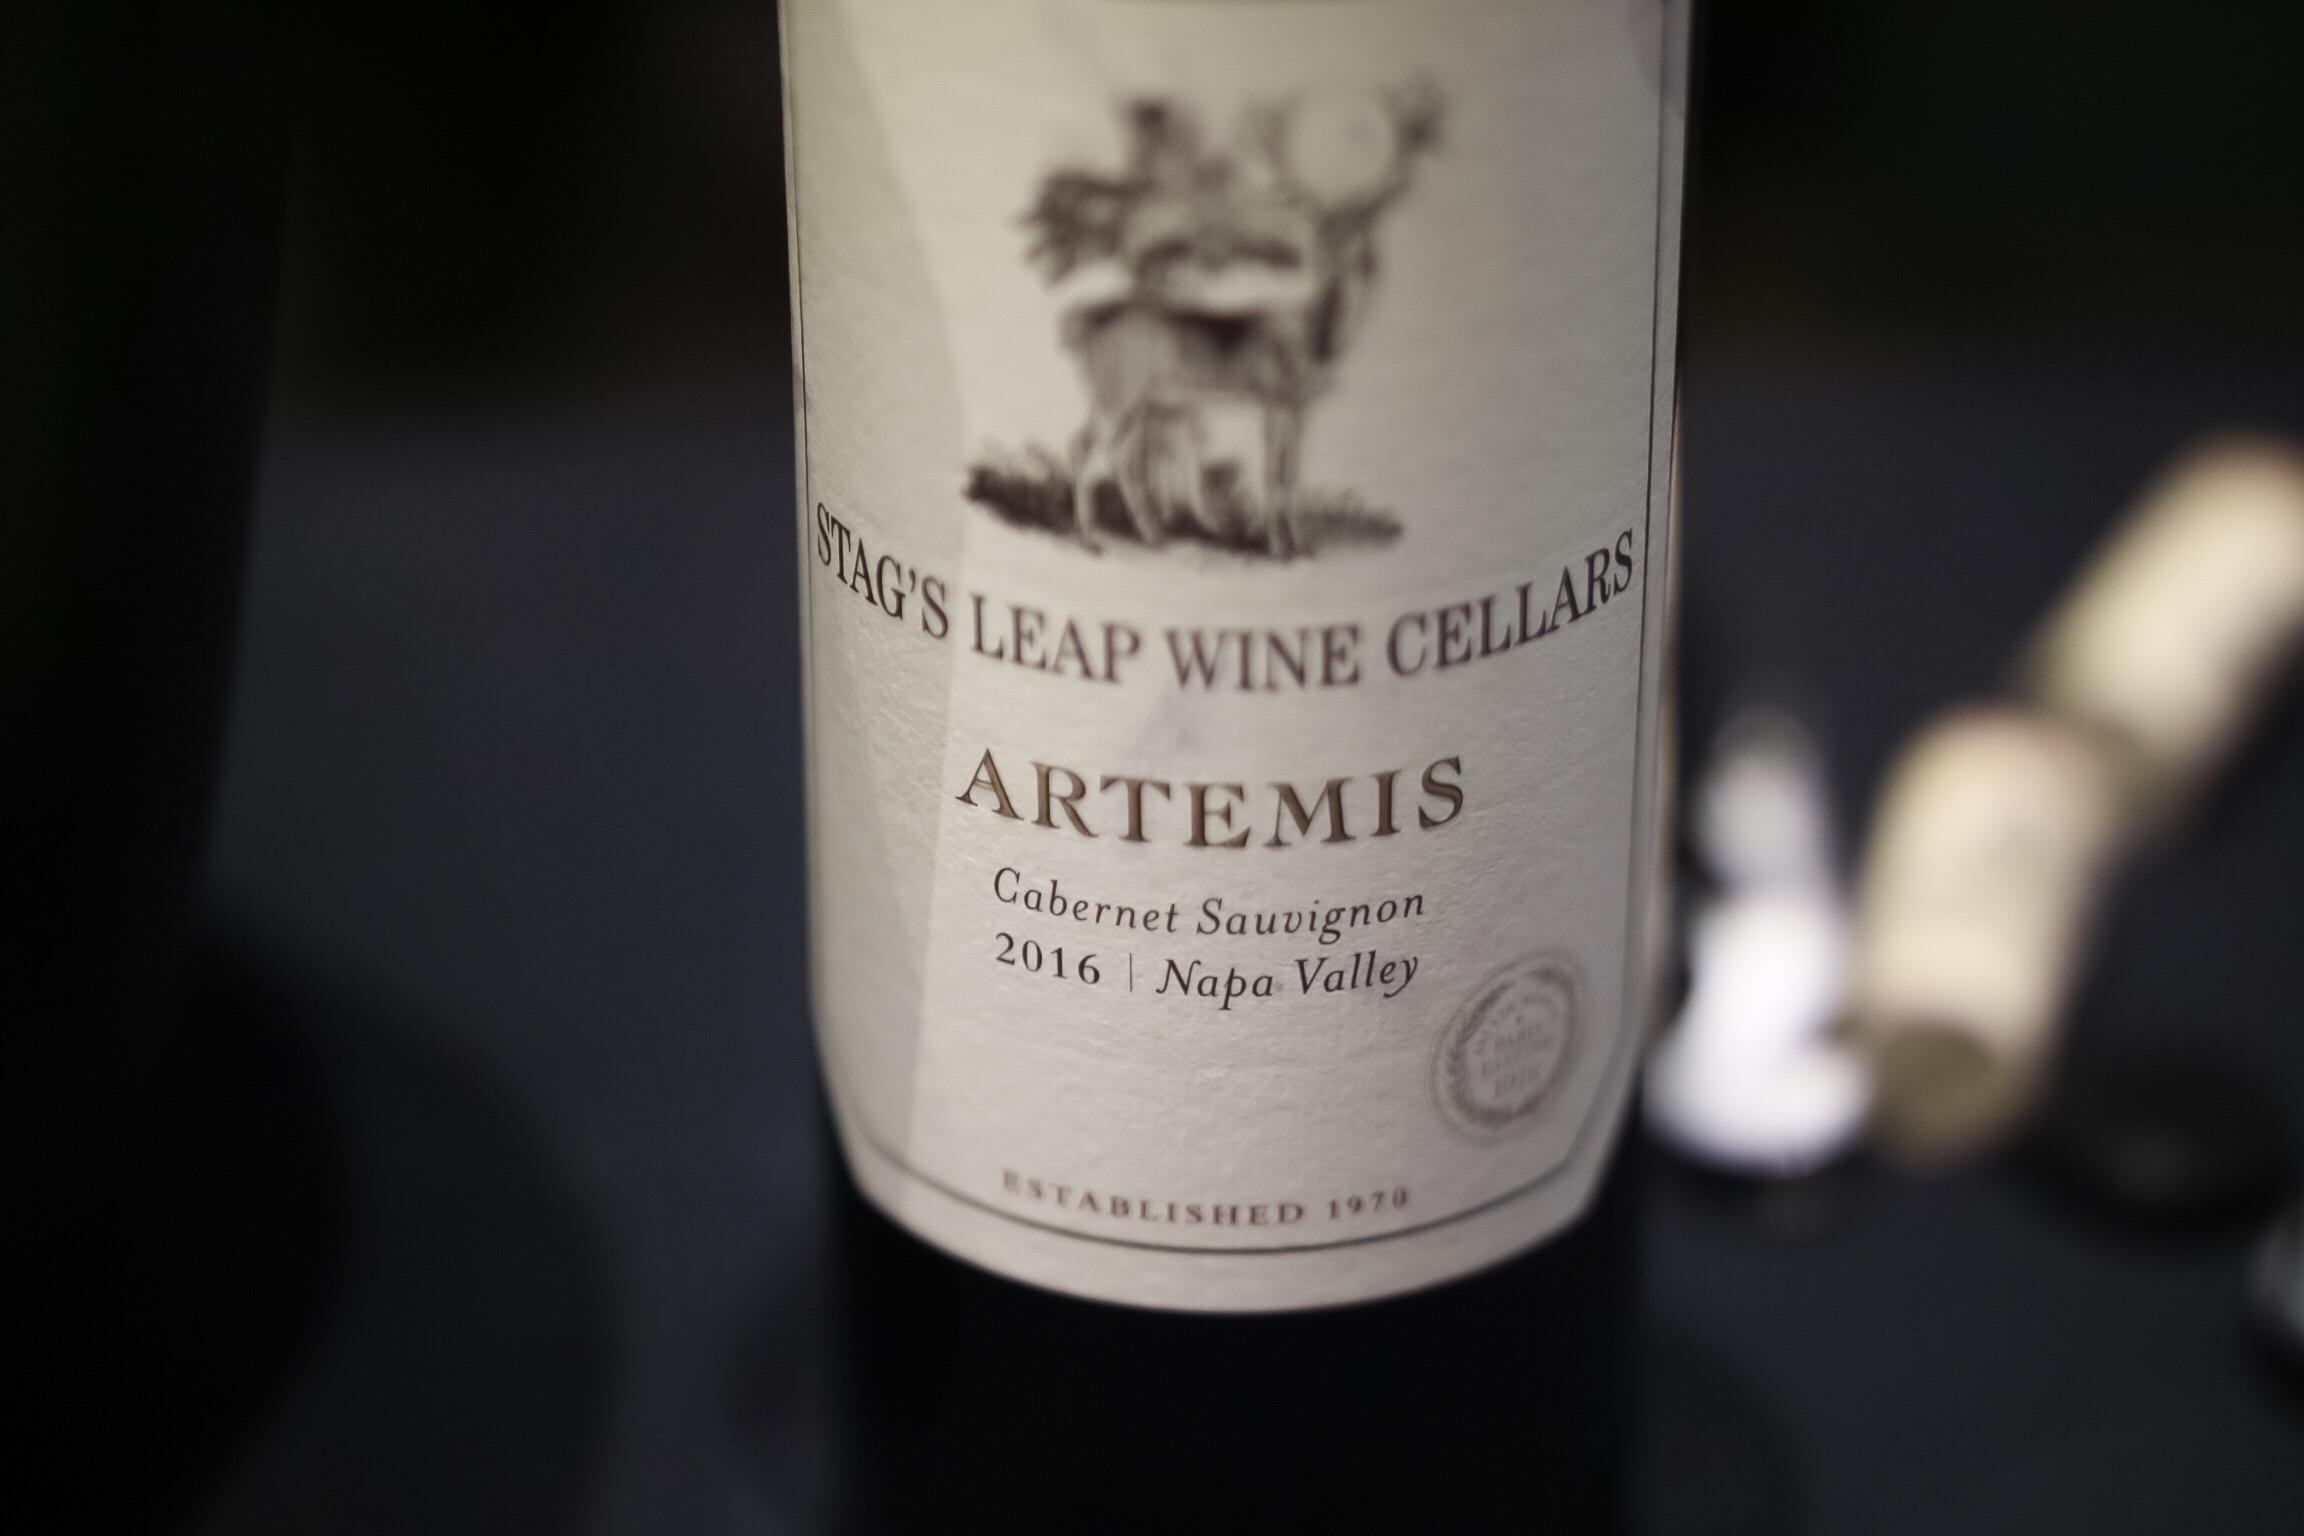 Artemis Nappa Valley Cabernet Sauvignon 2016